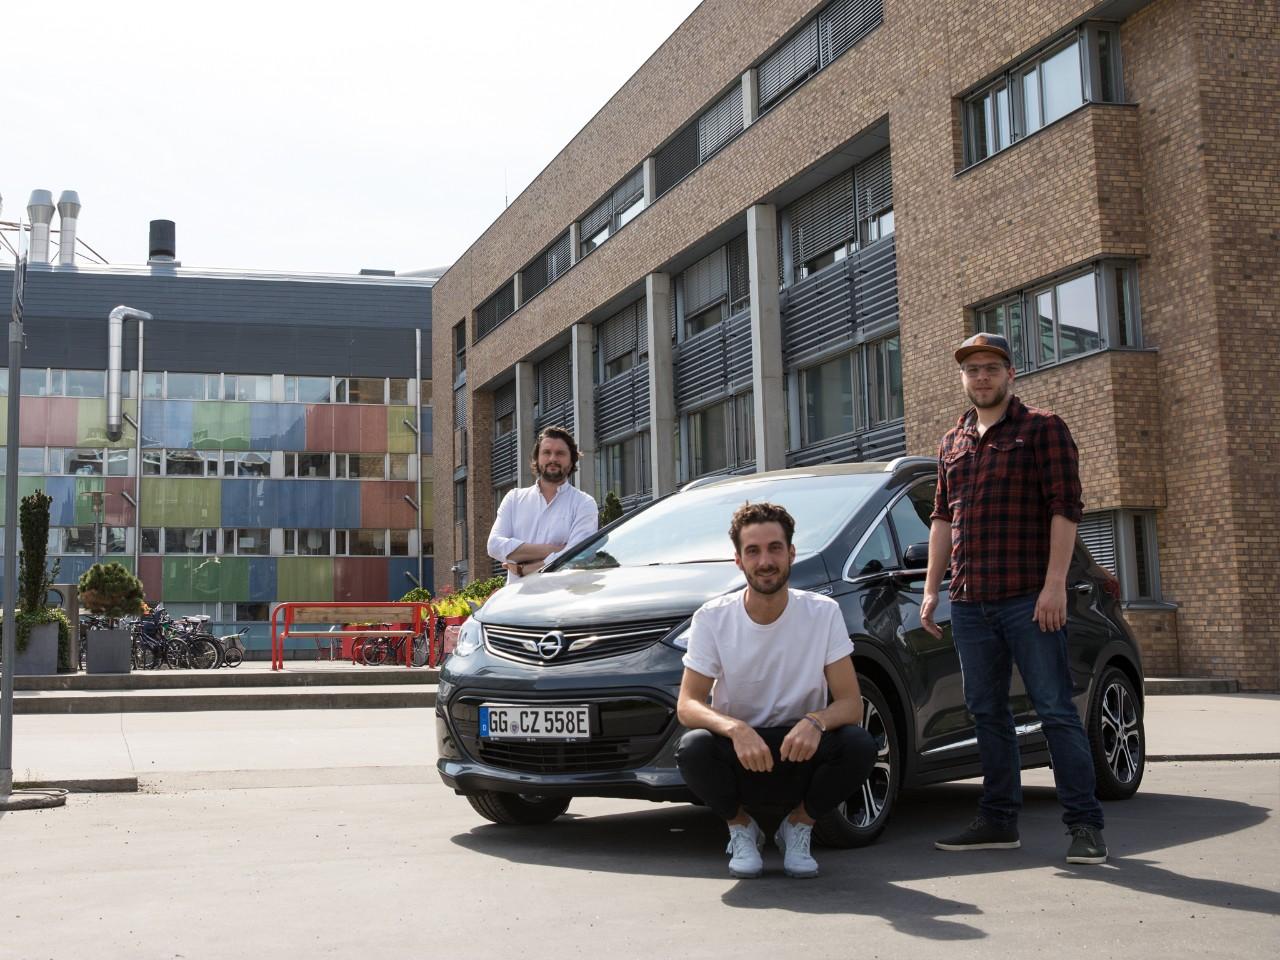 Ένα αυθεντικό οδοιπορικό #AMPventure στην Ευρώπη με το ηλεκτροκίνητο Opel Ampera-e